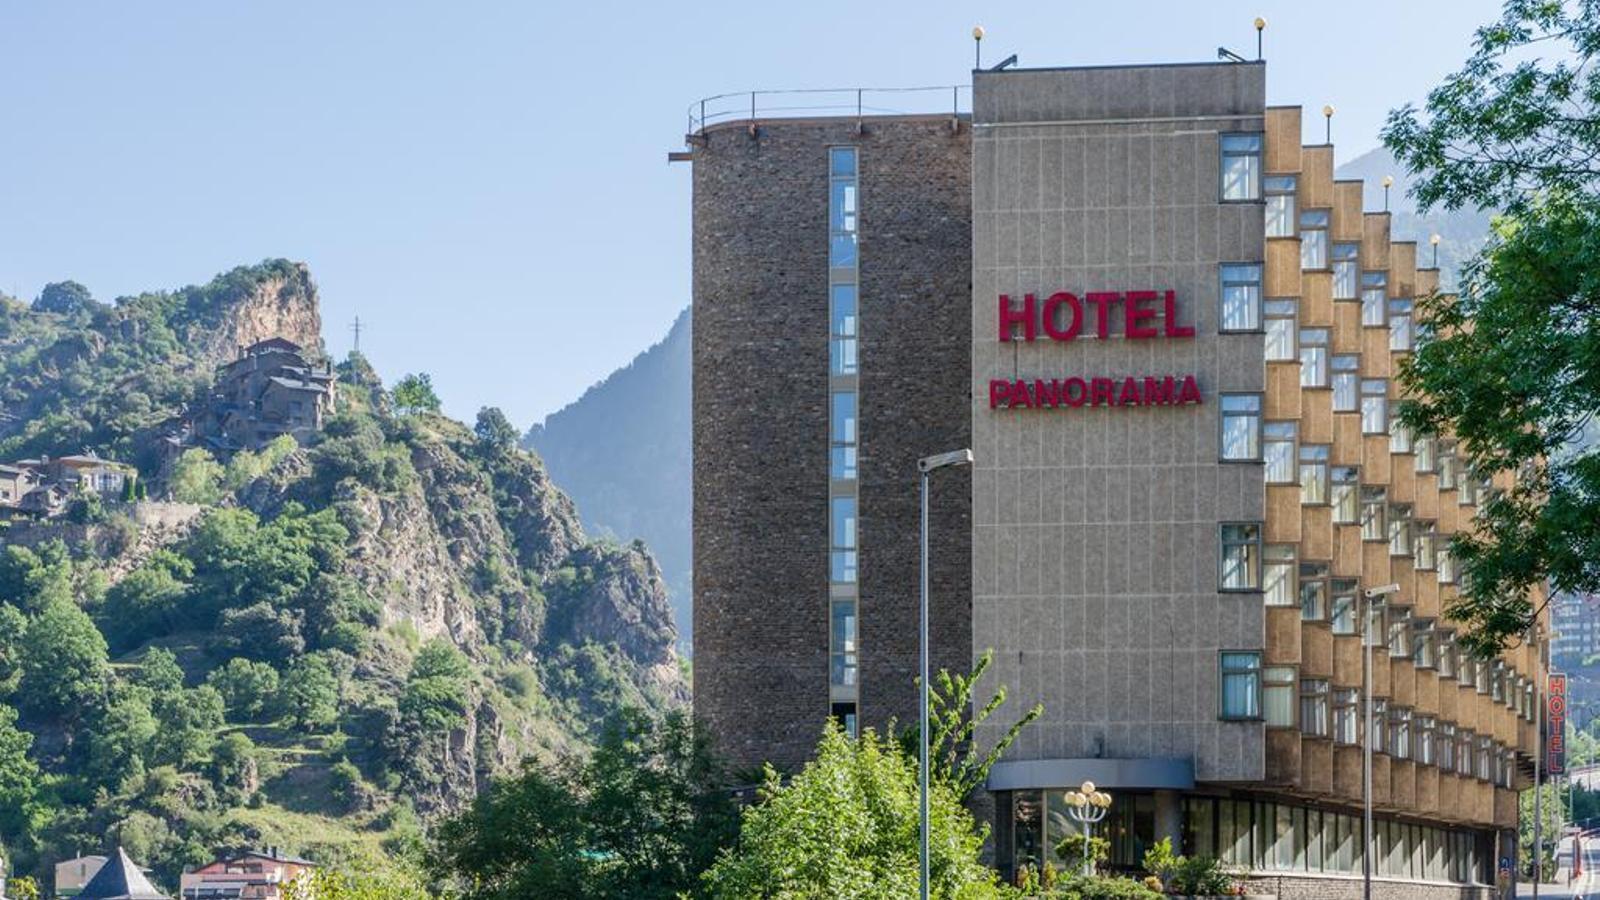 L'hotel Panorama. / ARXIU ANA